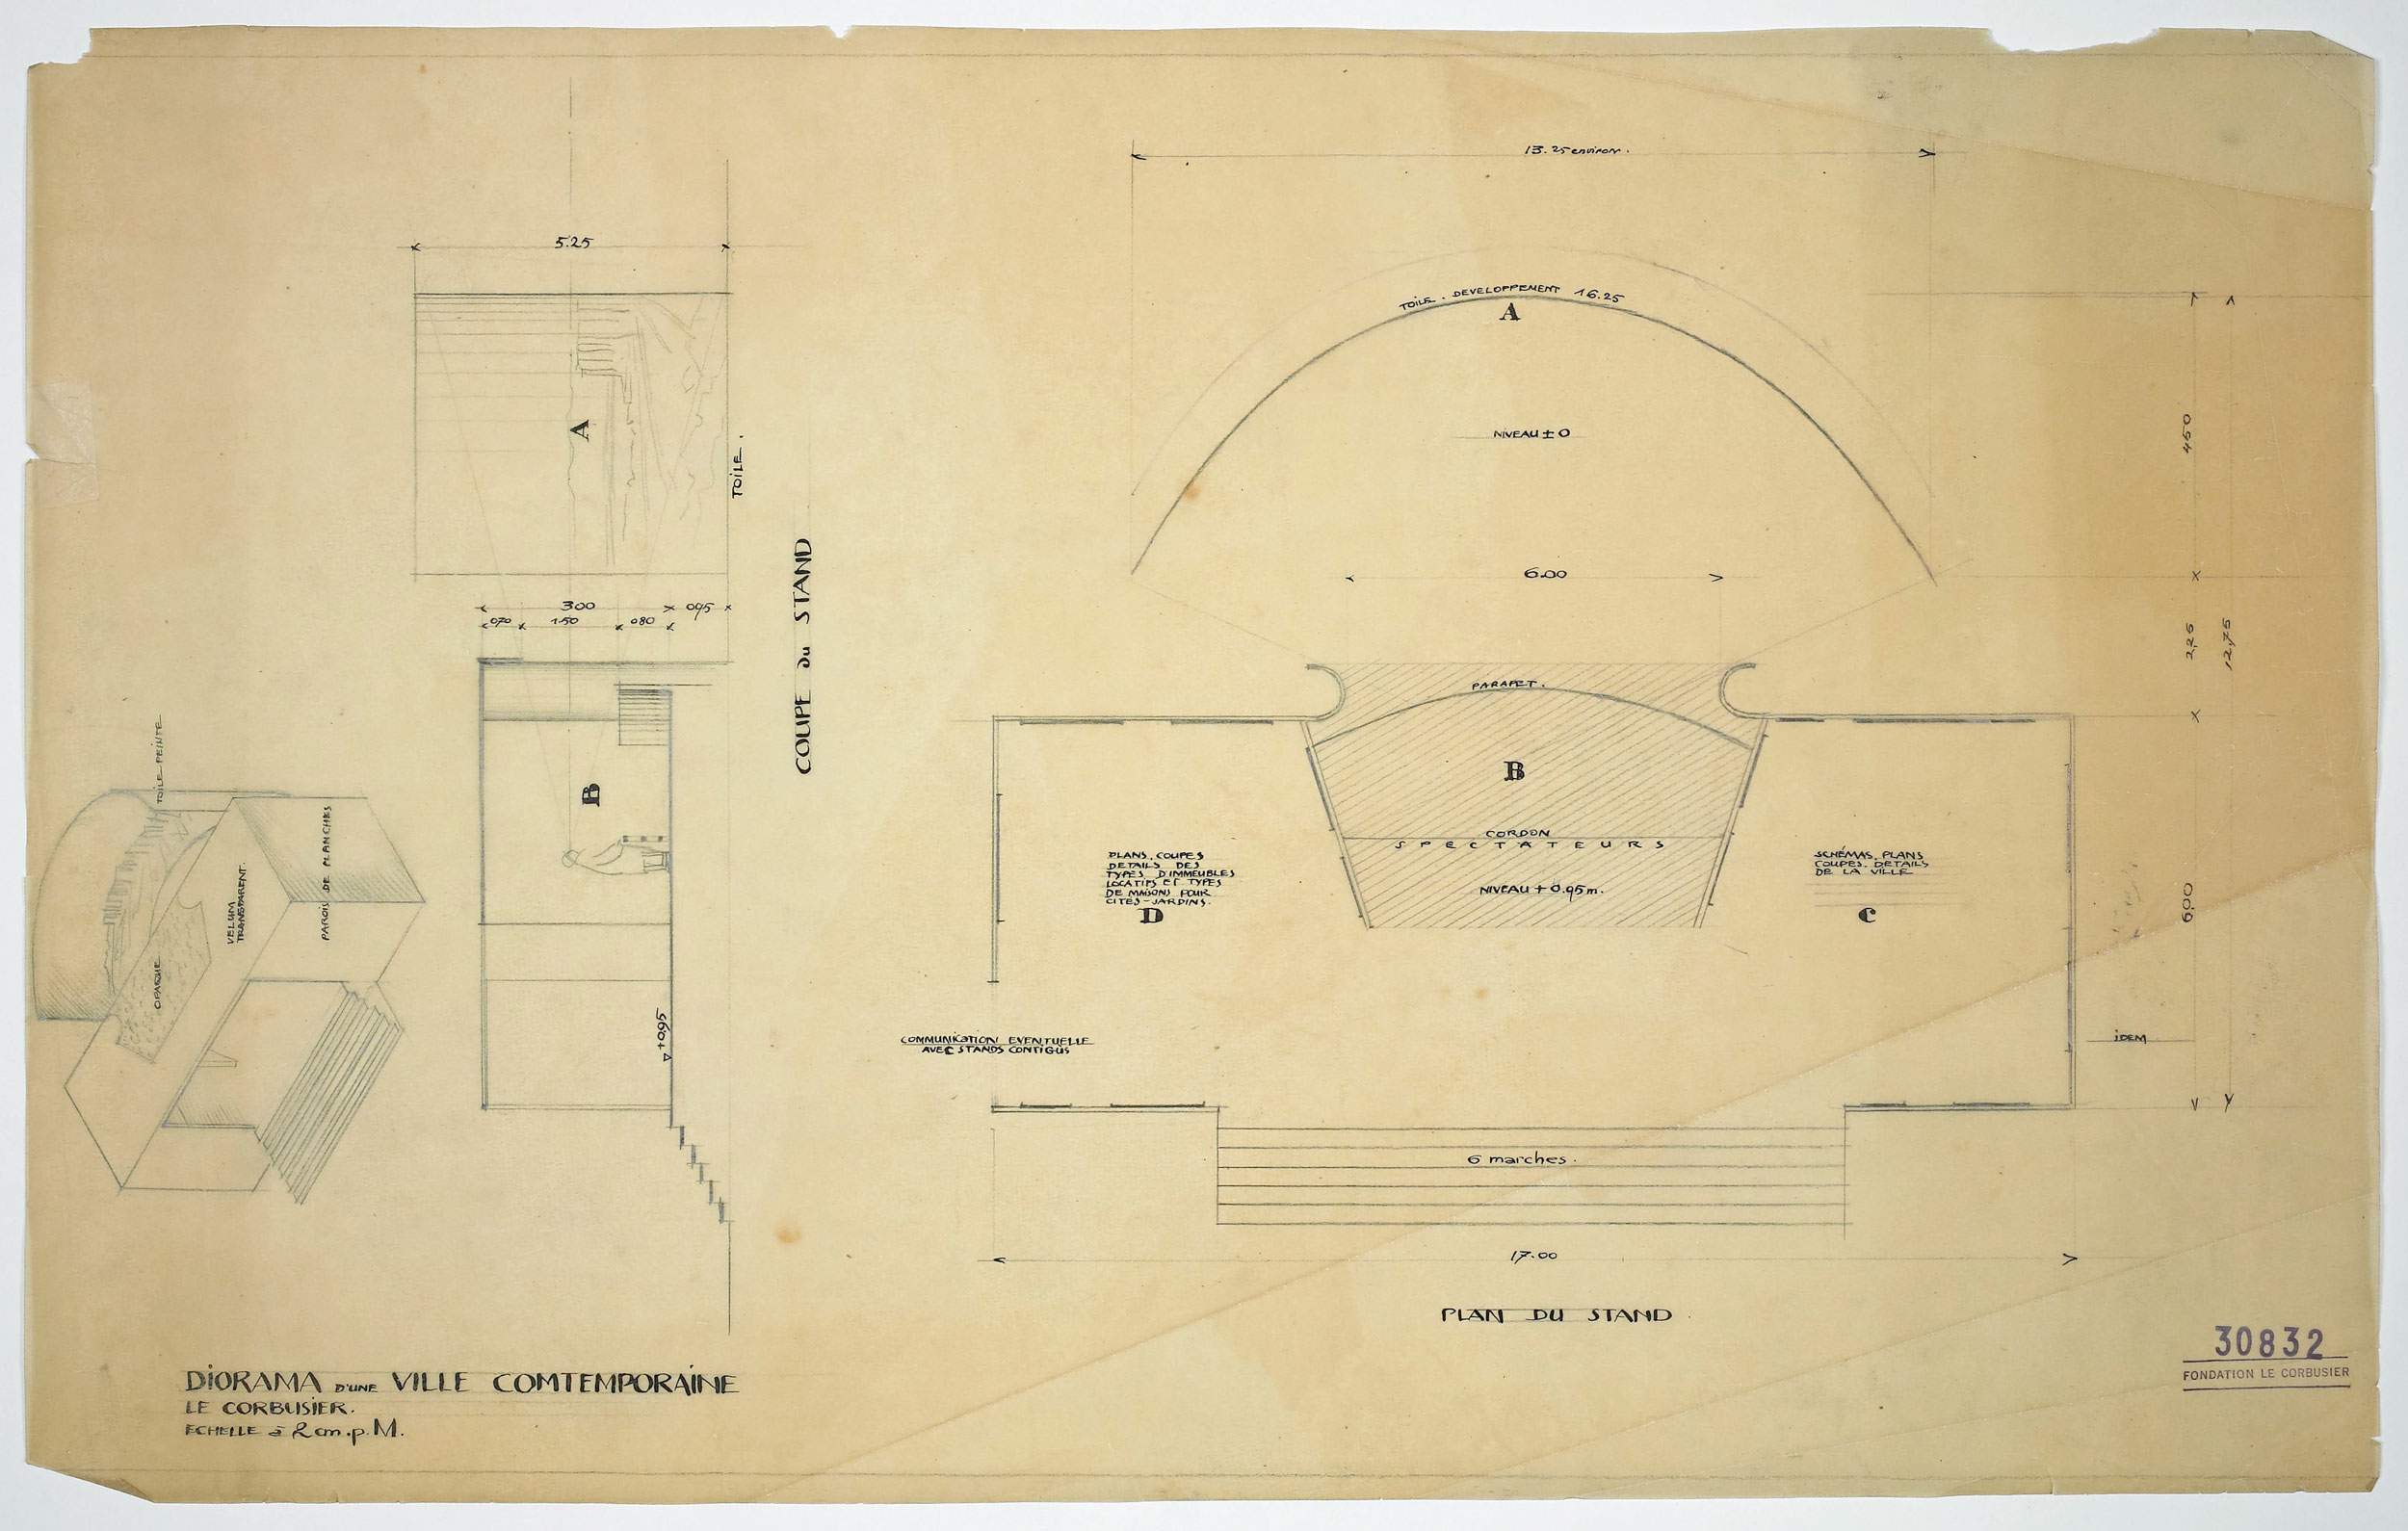 Progetto dello stand per il Salone d'automne del 1922